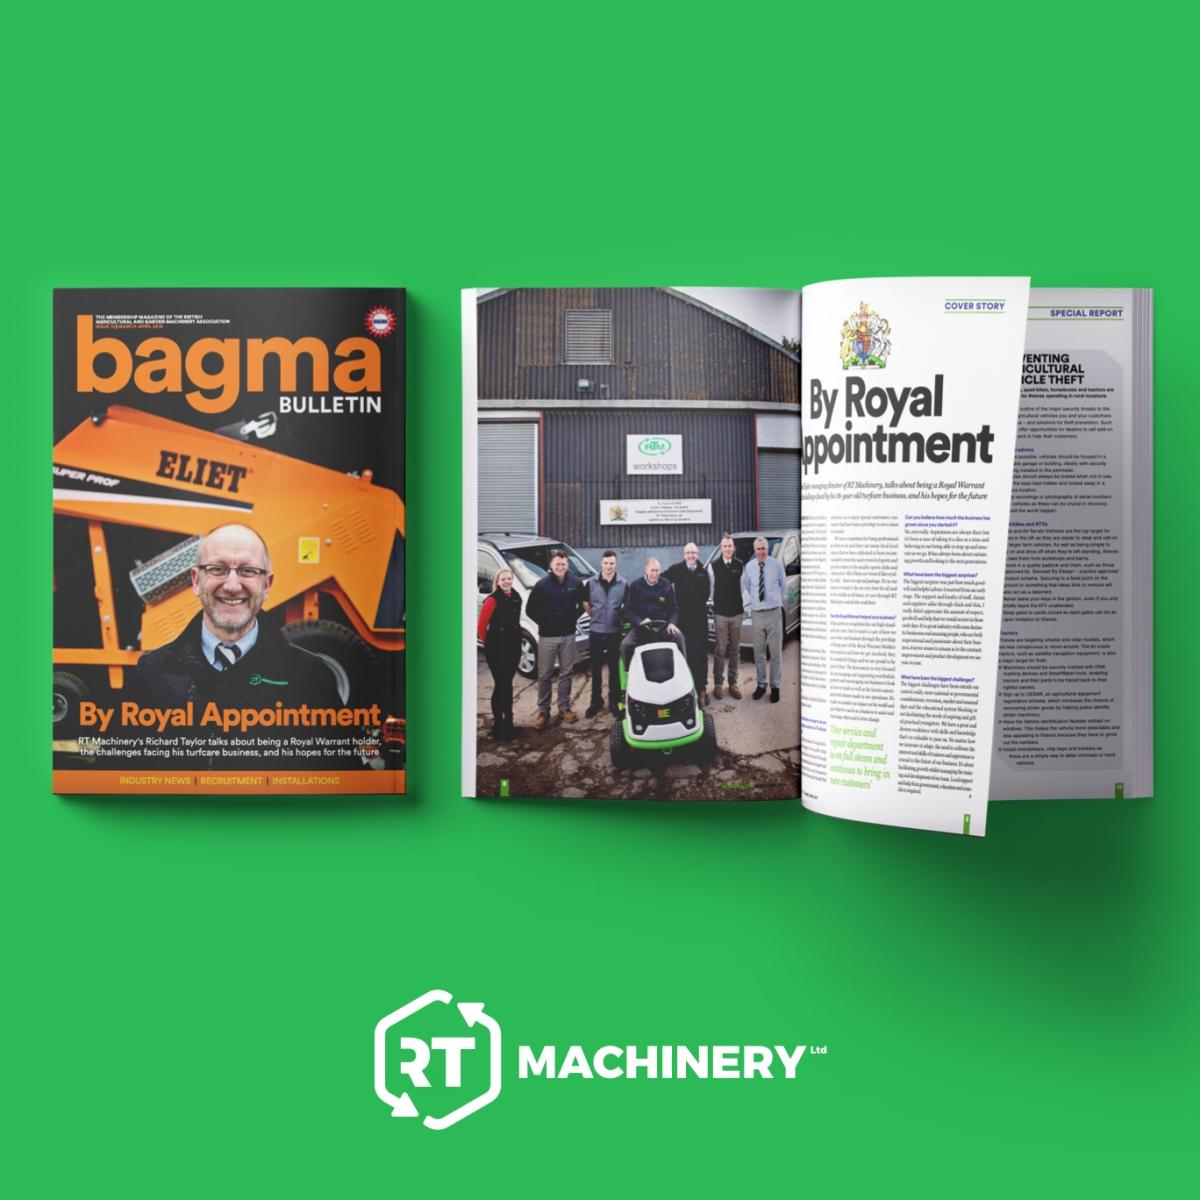 BAGMA Bulletin Preview